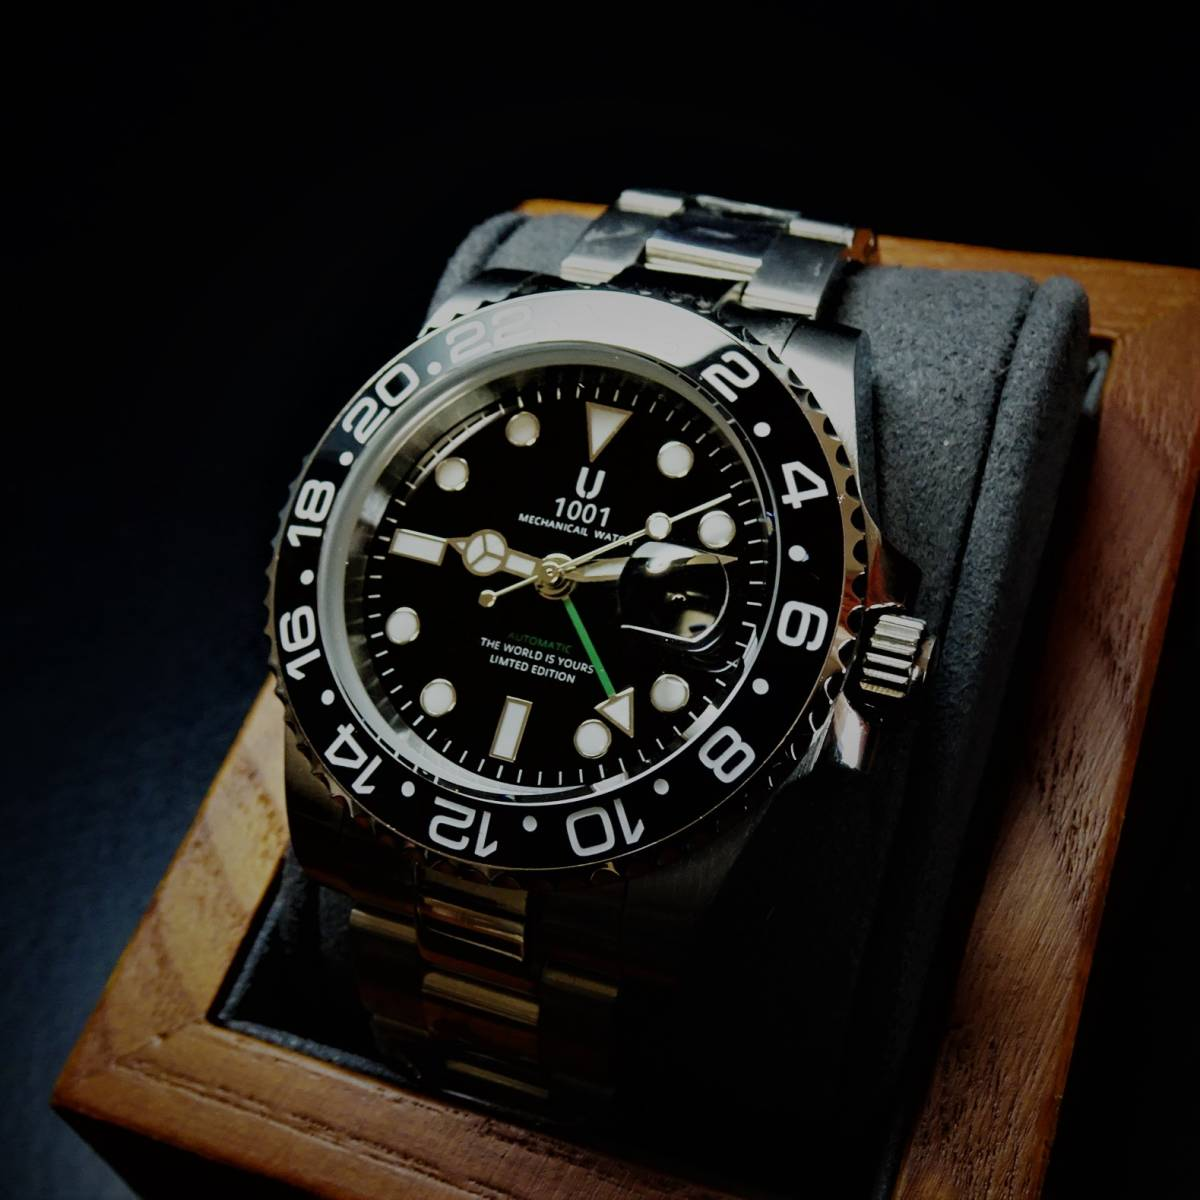 2個〓1円スタート〓新品〓自動巻(手巻き付)GMT針機械式ダイバー腕時計〓U1001ブランド〓ブラックベゼル〓ケースベルトステンレス製